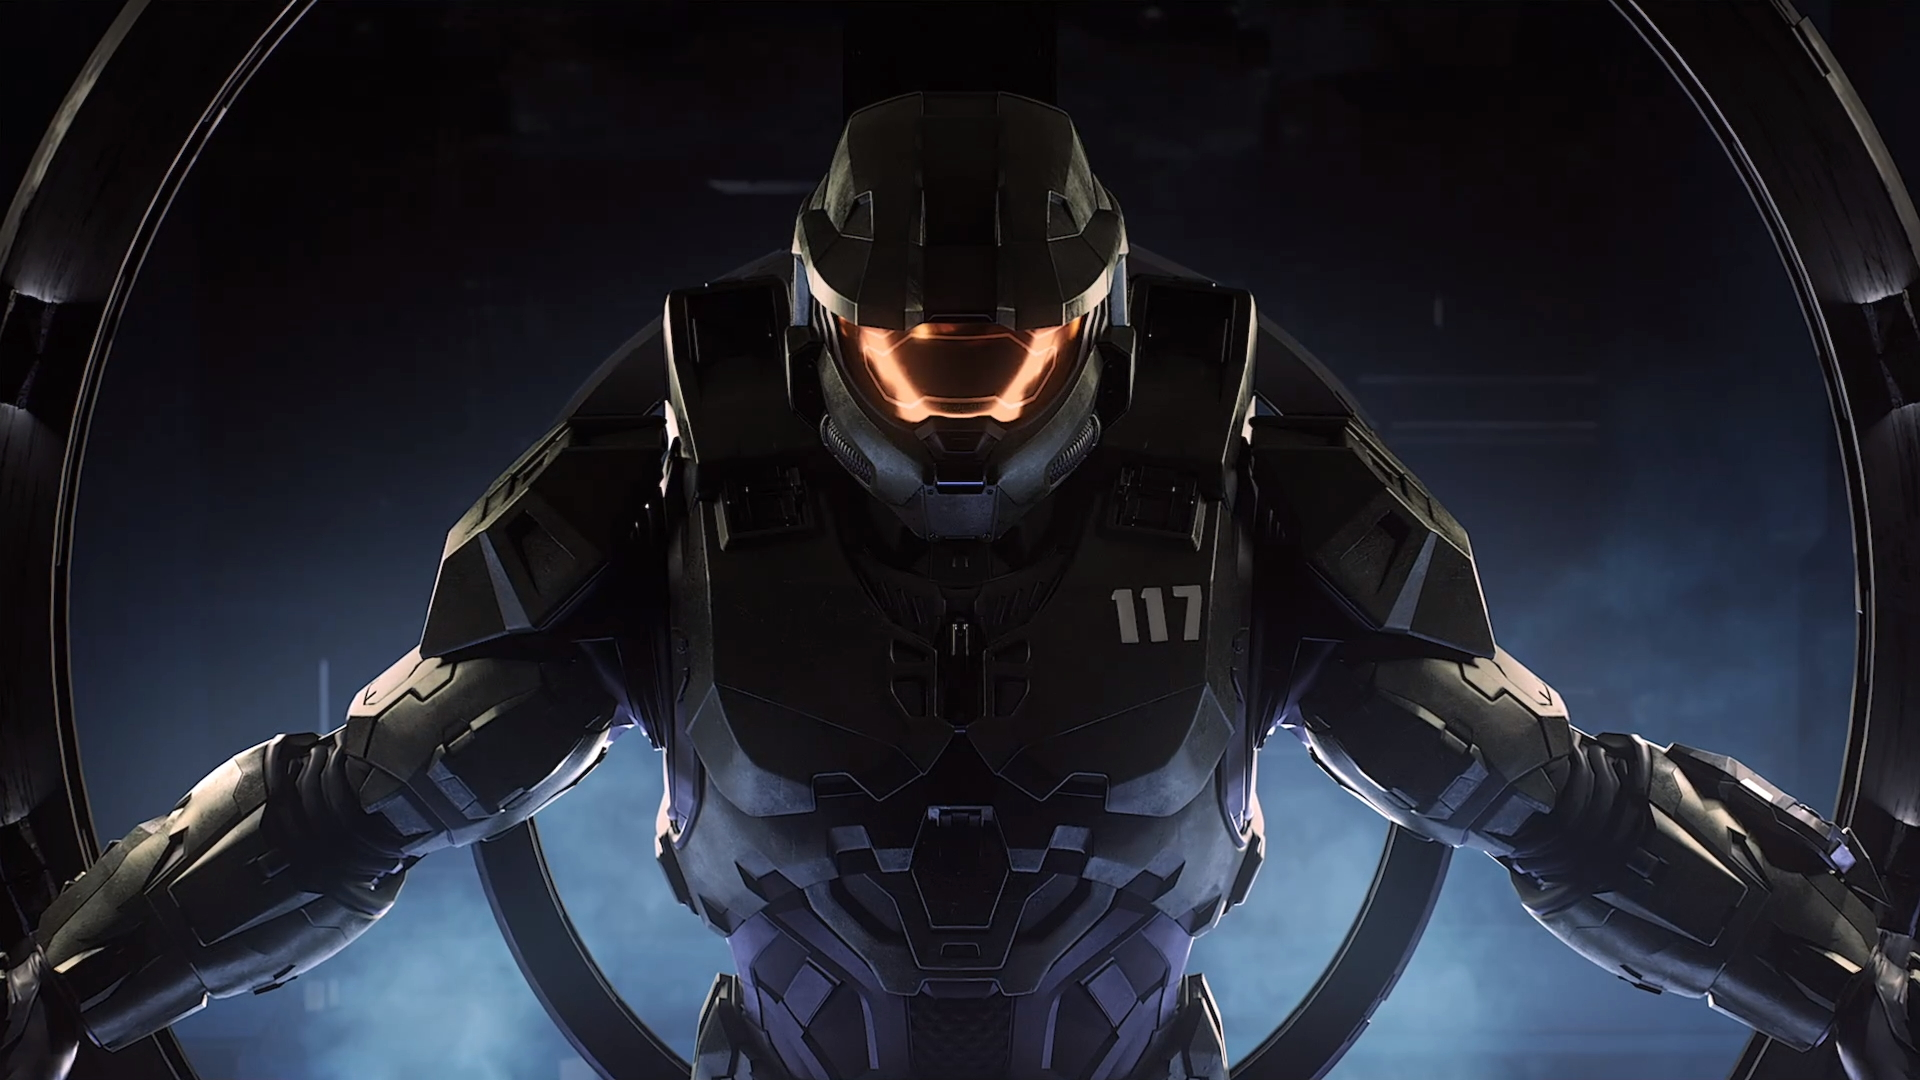 La demo de Halo Infinite corría en un PC y sufrirá cambios ...